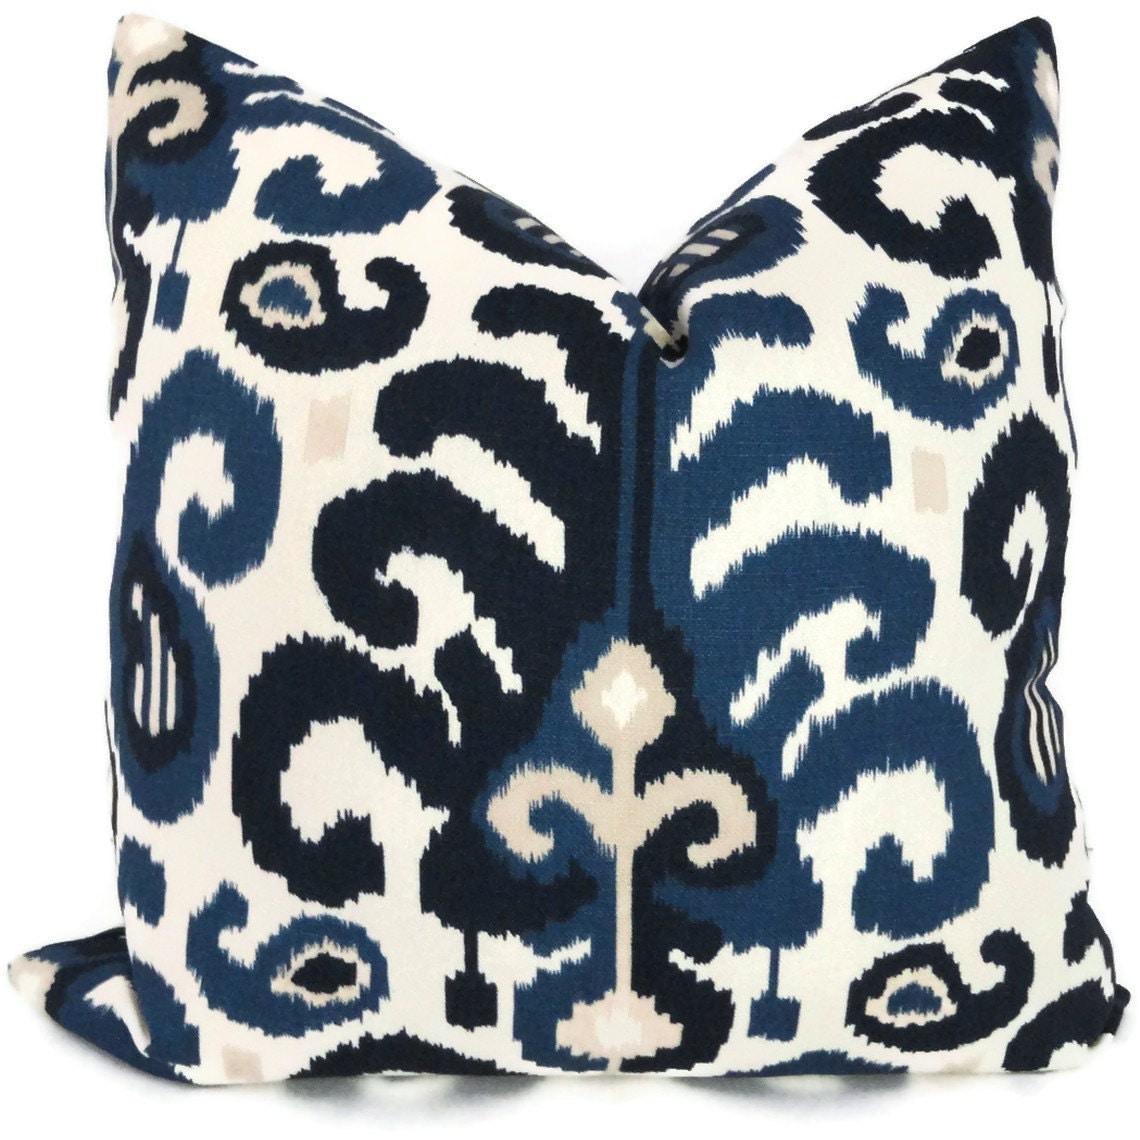 Duralee Blue Ikat Decorative Pillow Cover Lumbar Pillow Accent